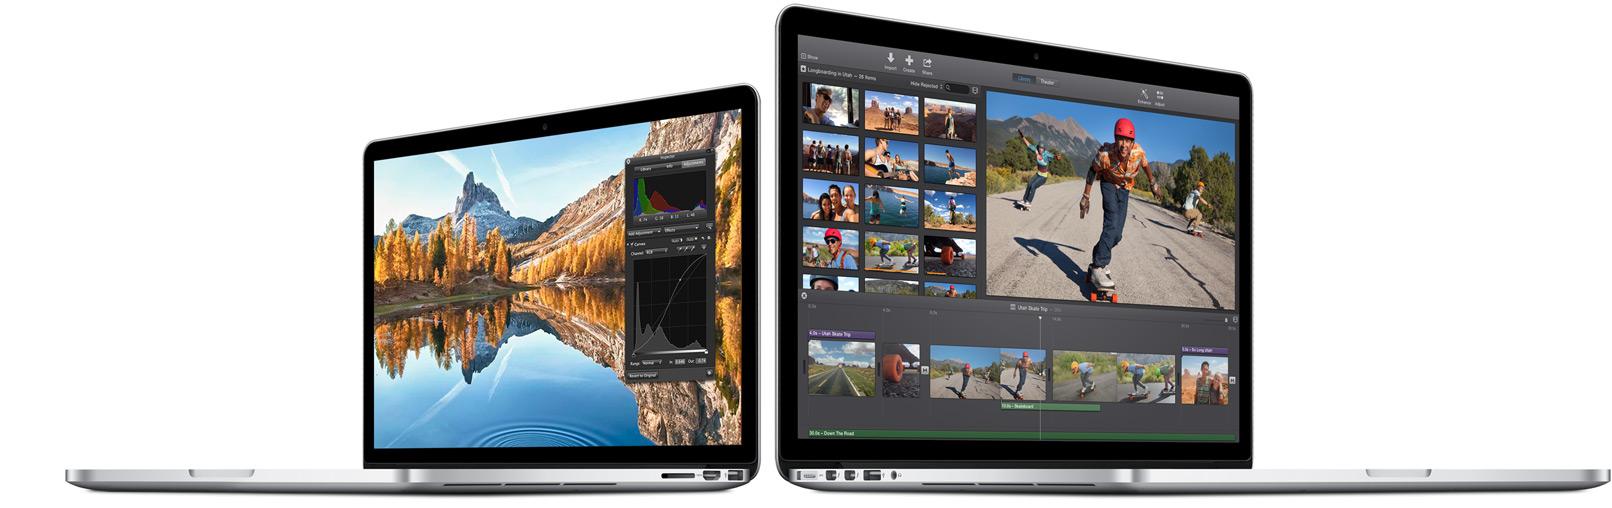 Mac - PC - Windows 10